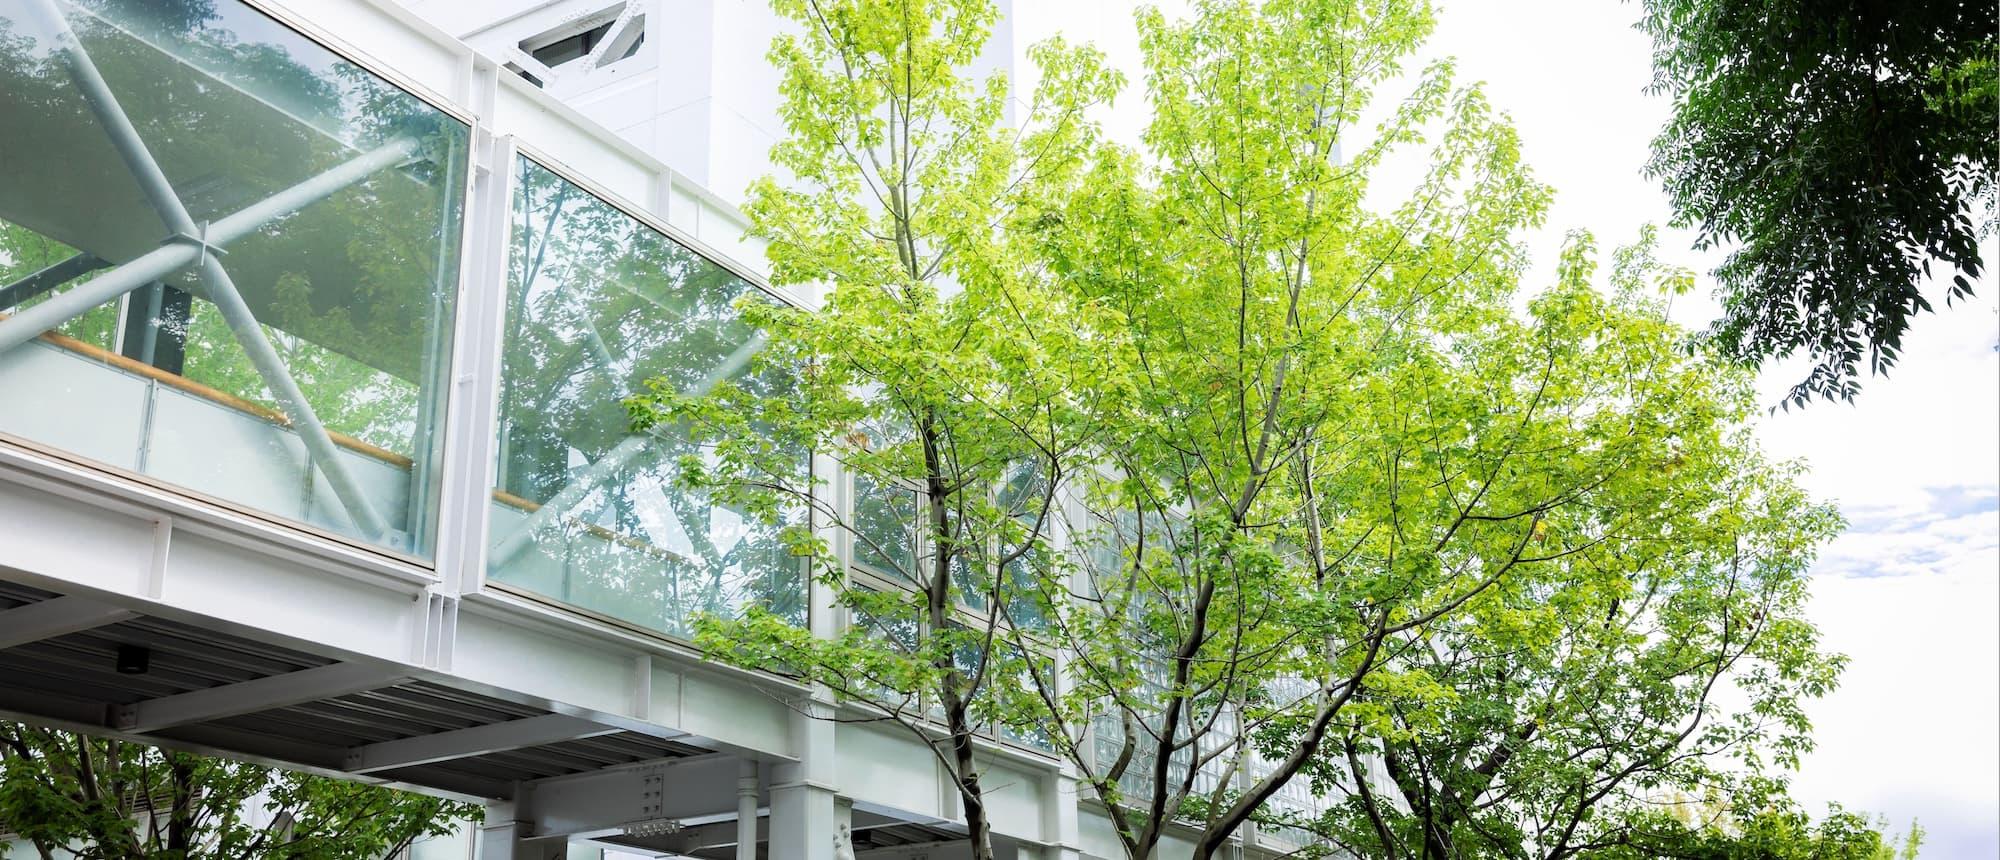 写真:鮮やかな緑とガラス張りのわたり廊下